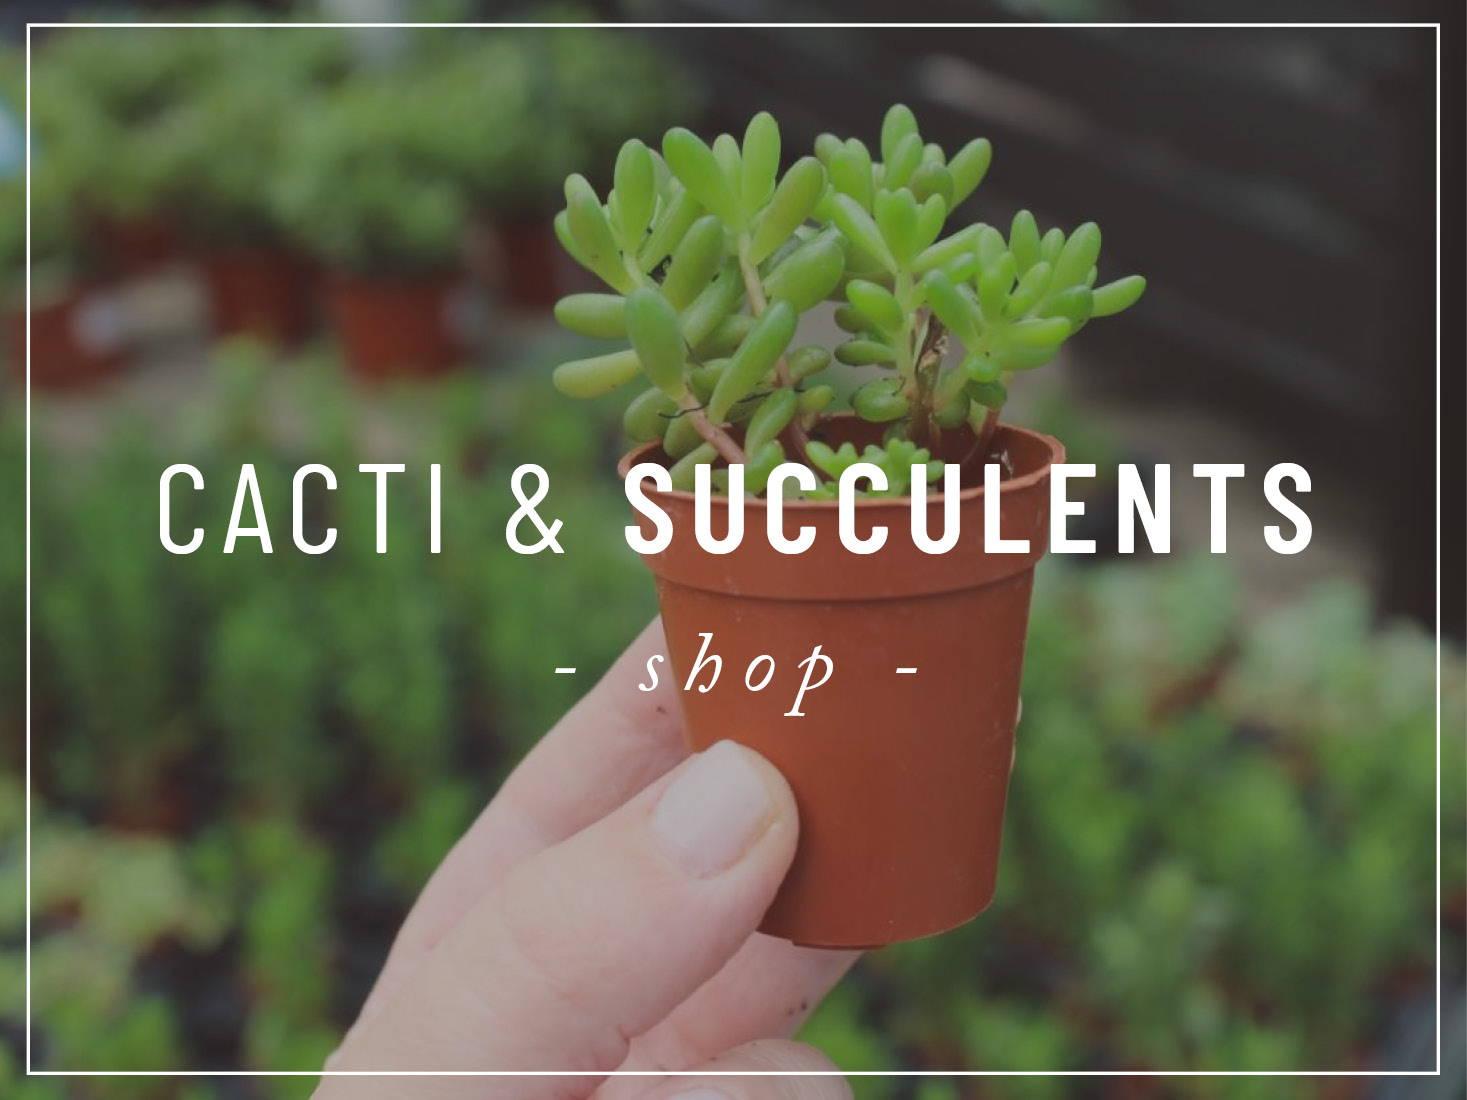 Shop Cacti & Succulents